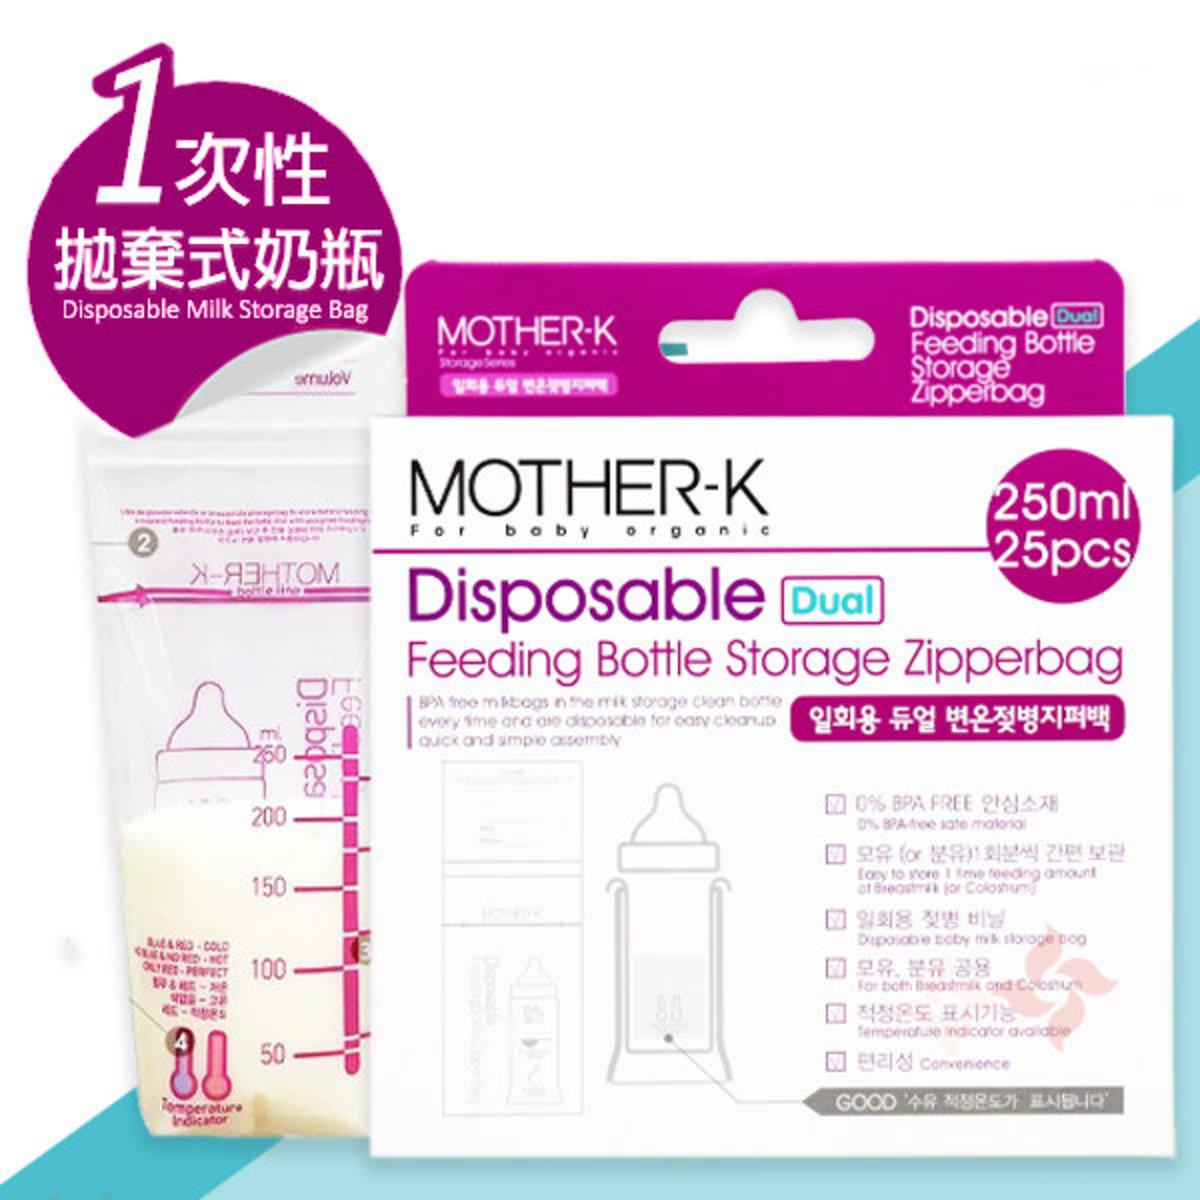 溫感免洗奶瓶袋 250ml 25個  (8809323136609)